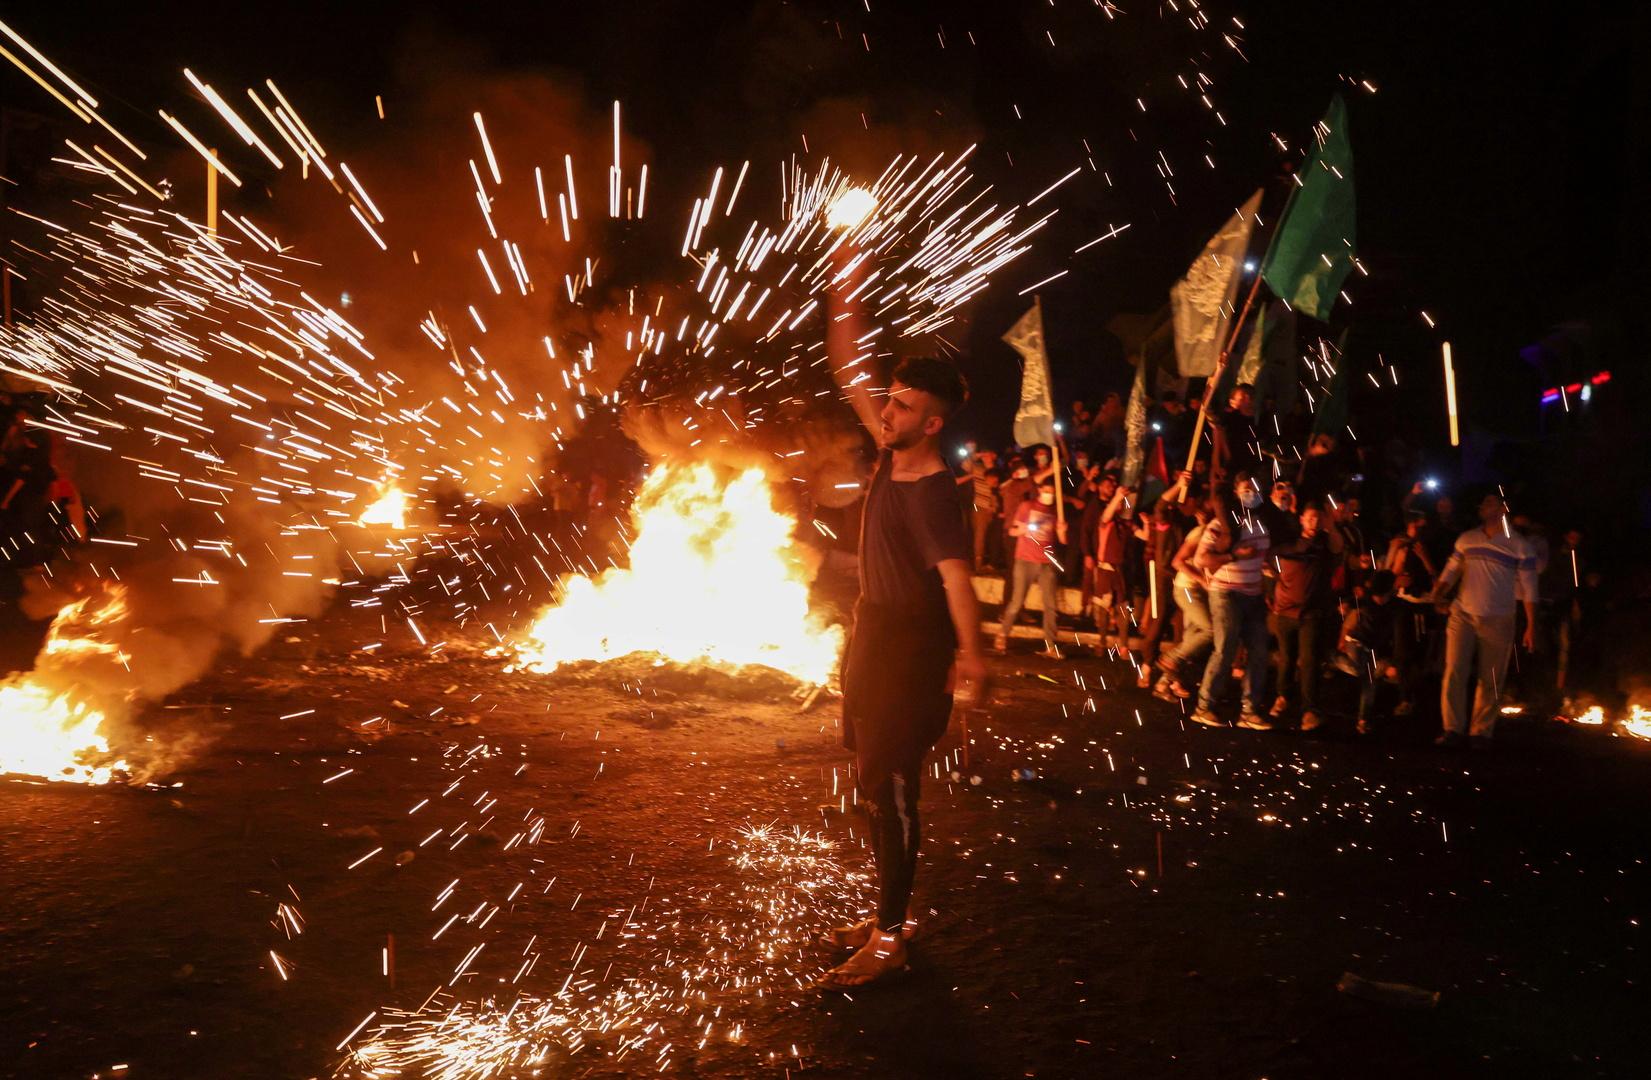 Nouveaux heurts à Jérusalem malgré l'appel au calme de Netanyahou